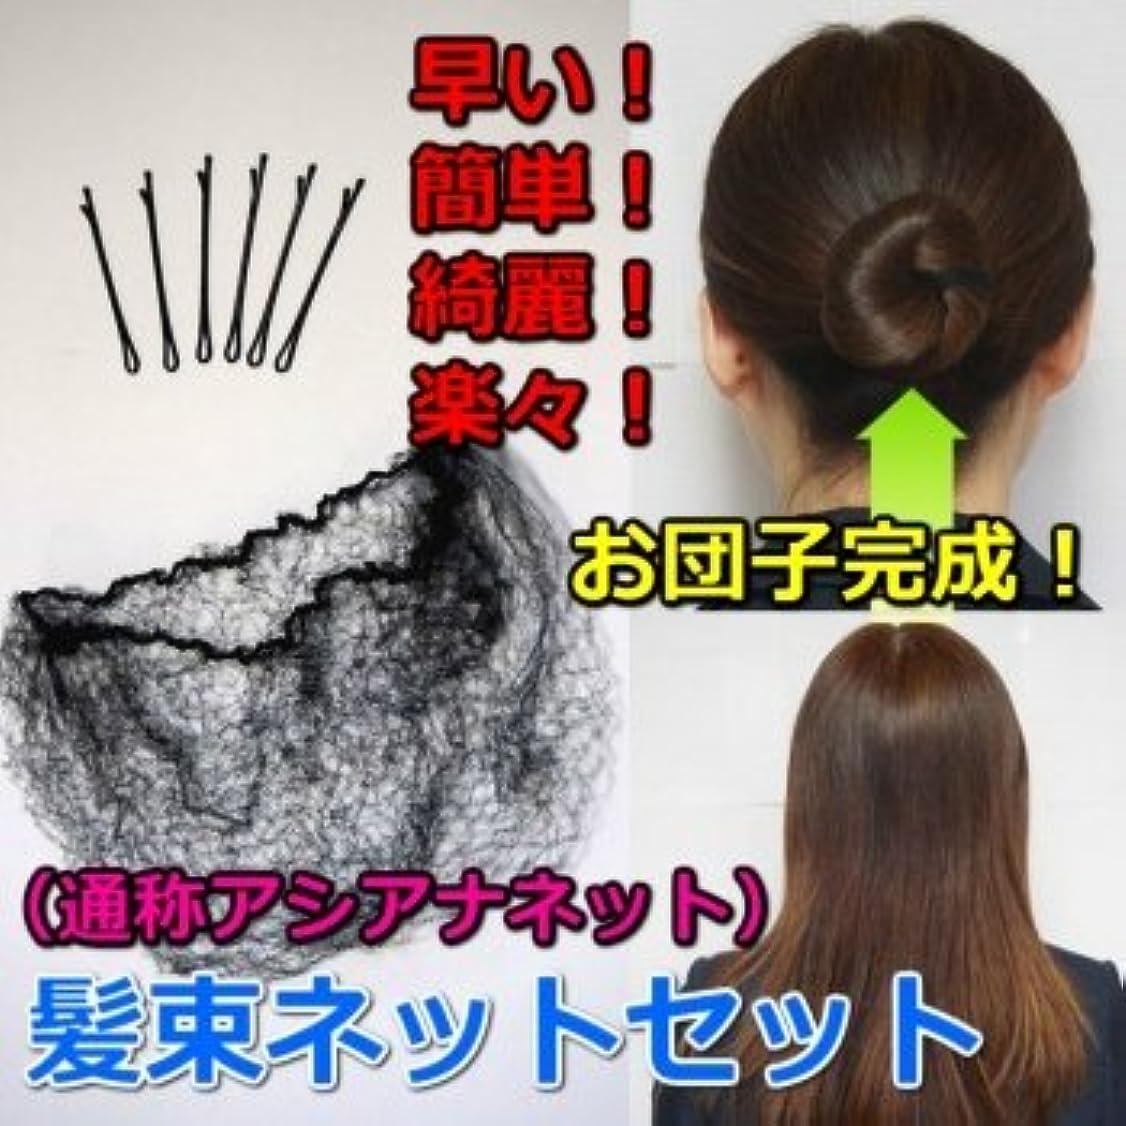 悲観的発疹承認する髪束ねネットセット(アシアナネット) 50枚セット